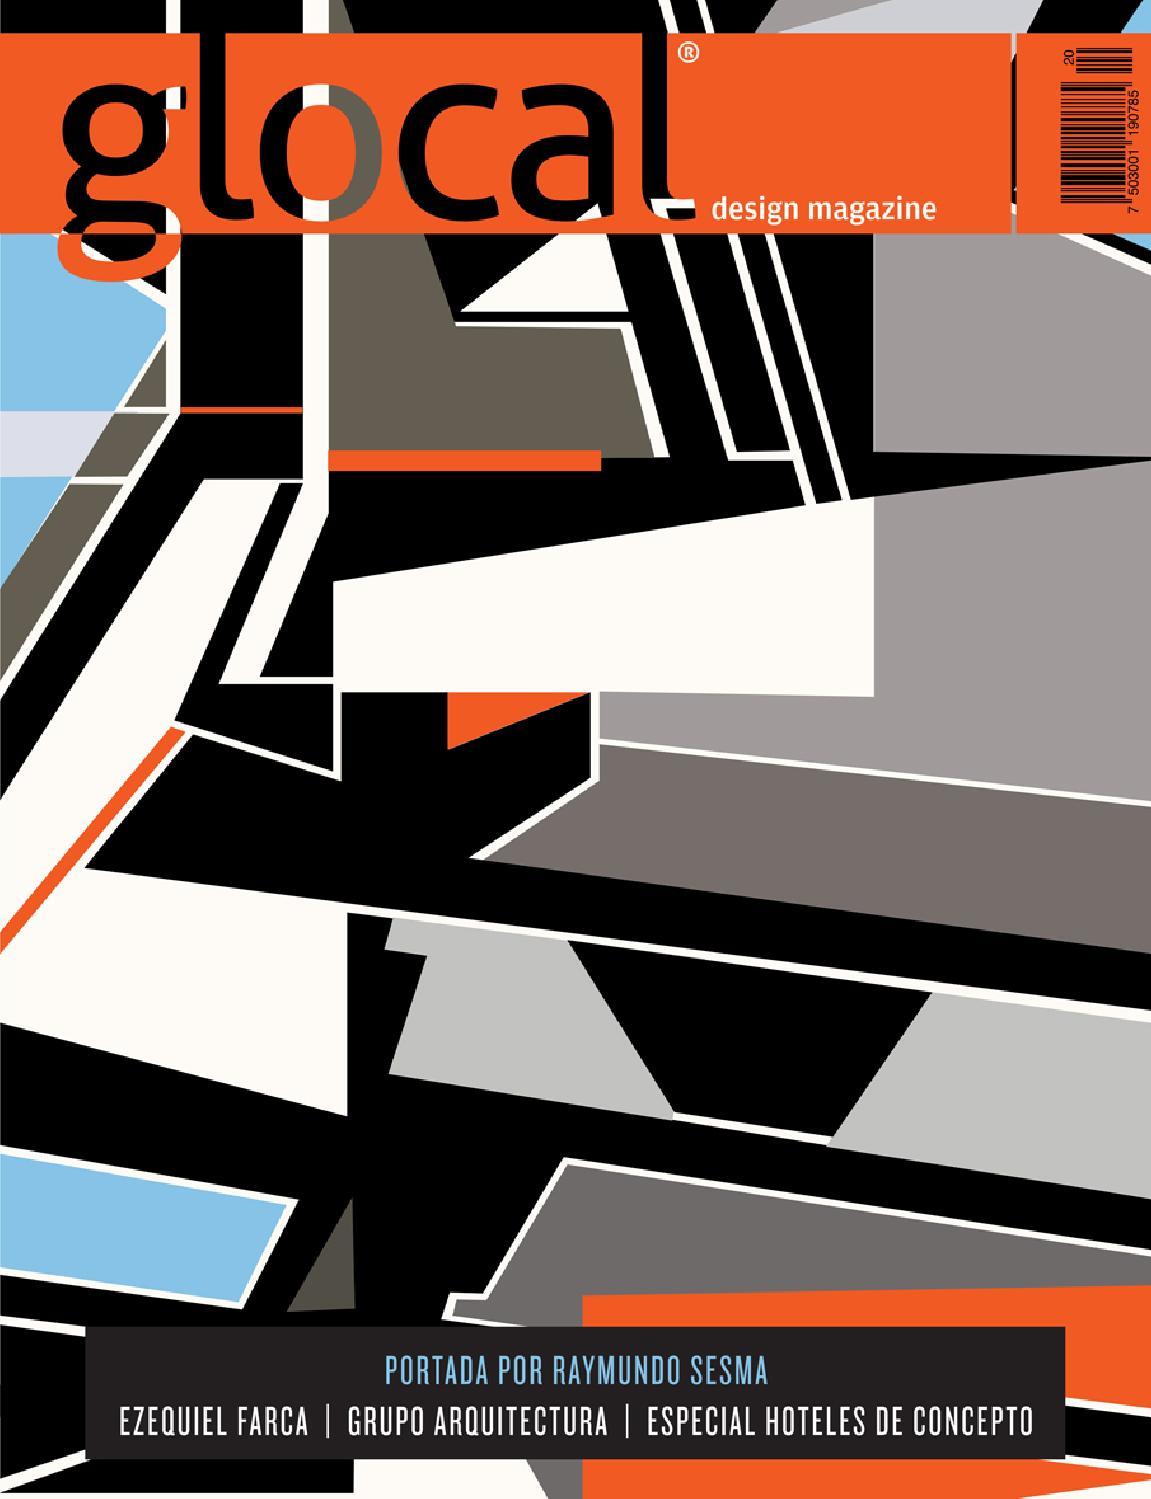 promo code ca2ee 5c48d GLOCAL DESIGN MAGAZINE No. 20 Portada por   Cover by  RAYMUNDO SESMA by  GLOCAL DESIGN MAGAZINE - issuu